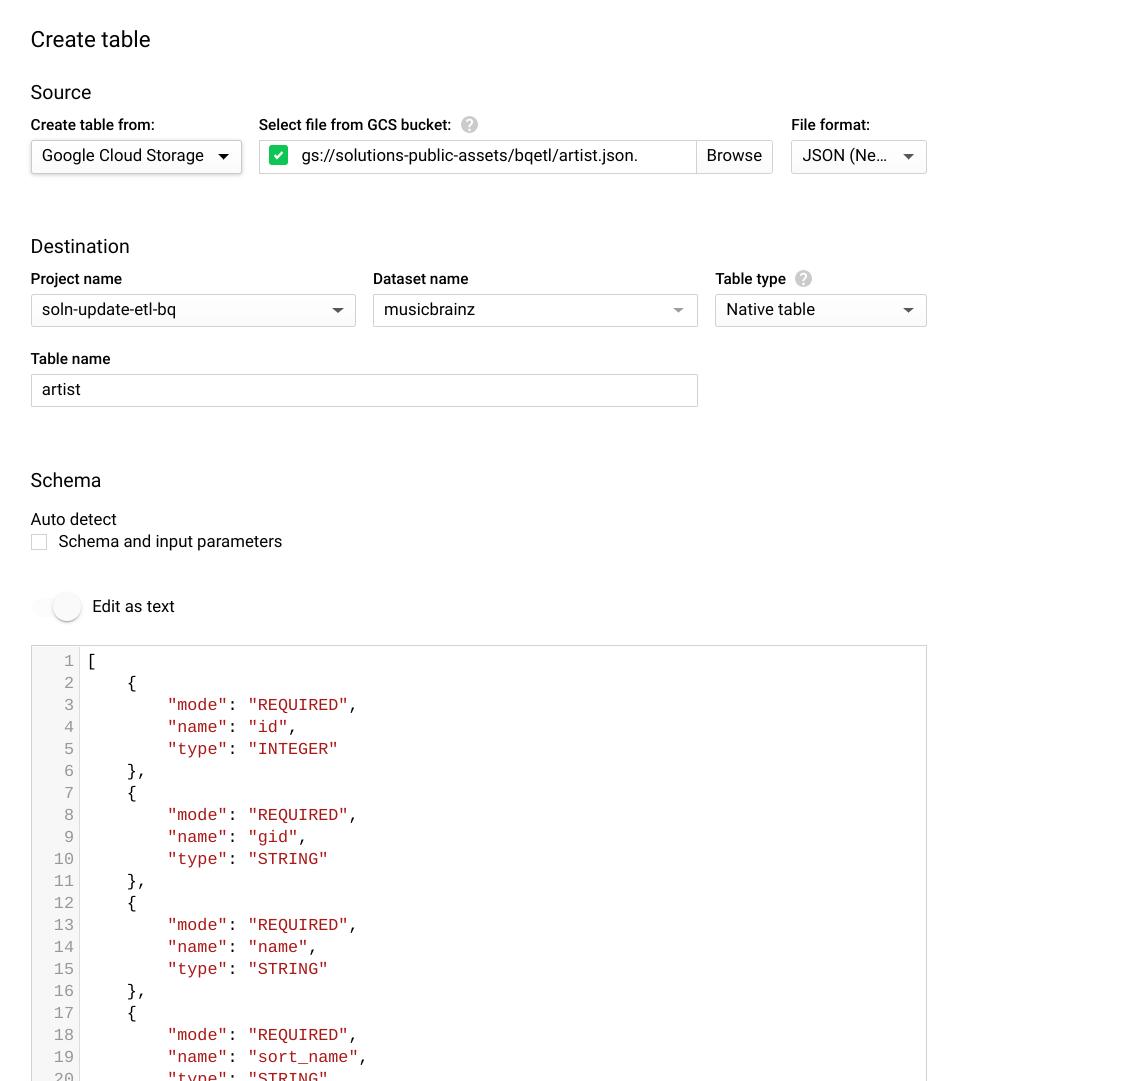 ダウンロードした JSON ファイルの更新されたスキーマを含む [テーブルの作成] ダイアログ。